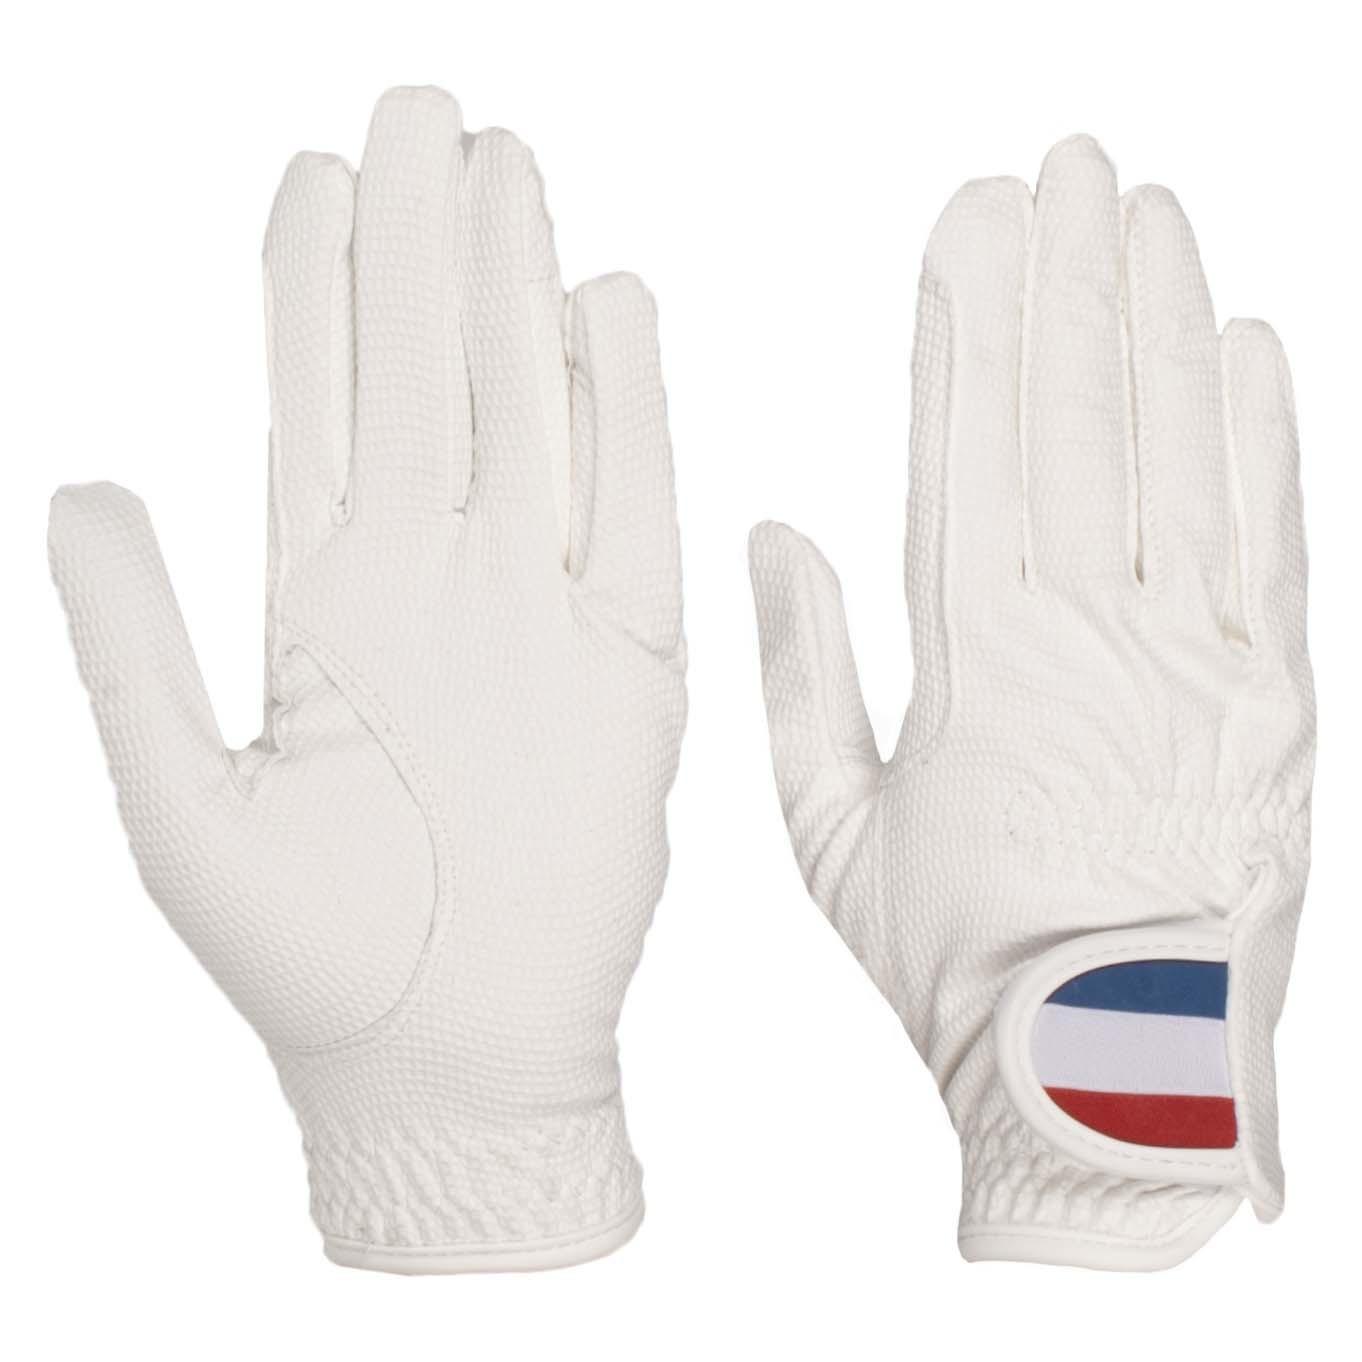 Mondoni Netherlands handschoenen wit maat:5